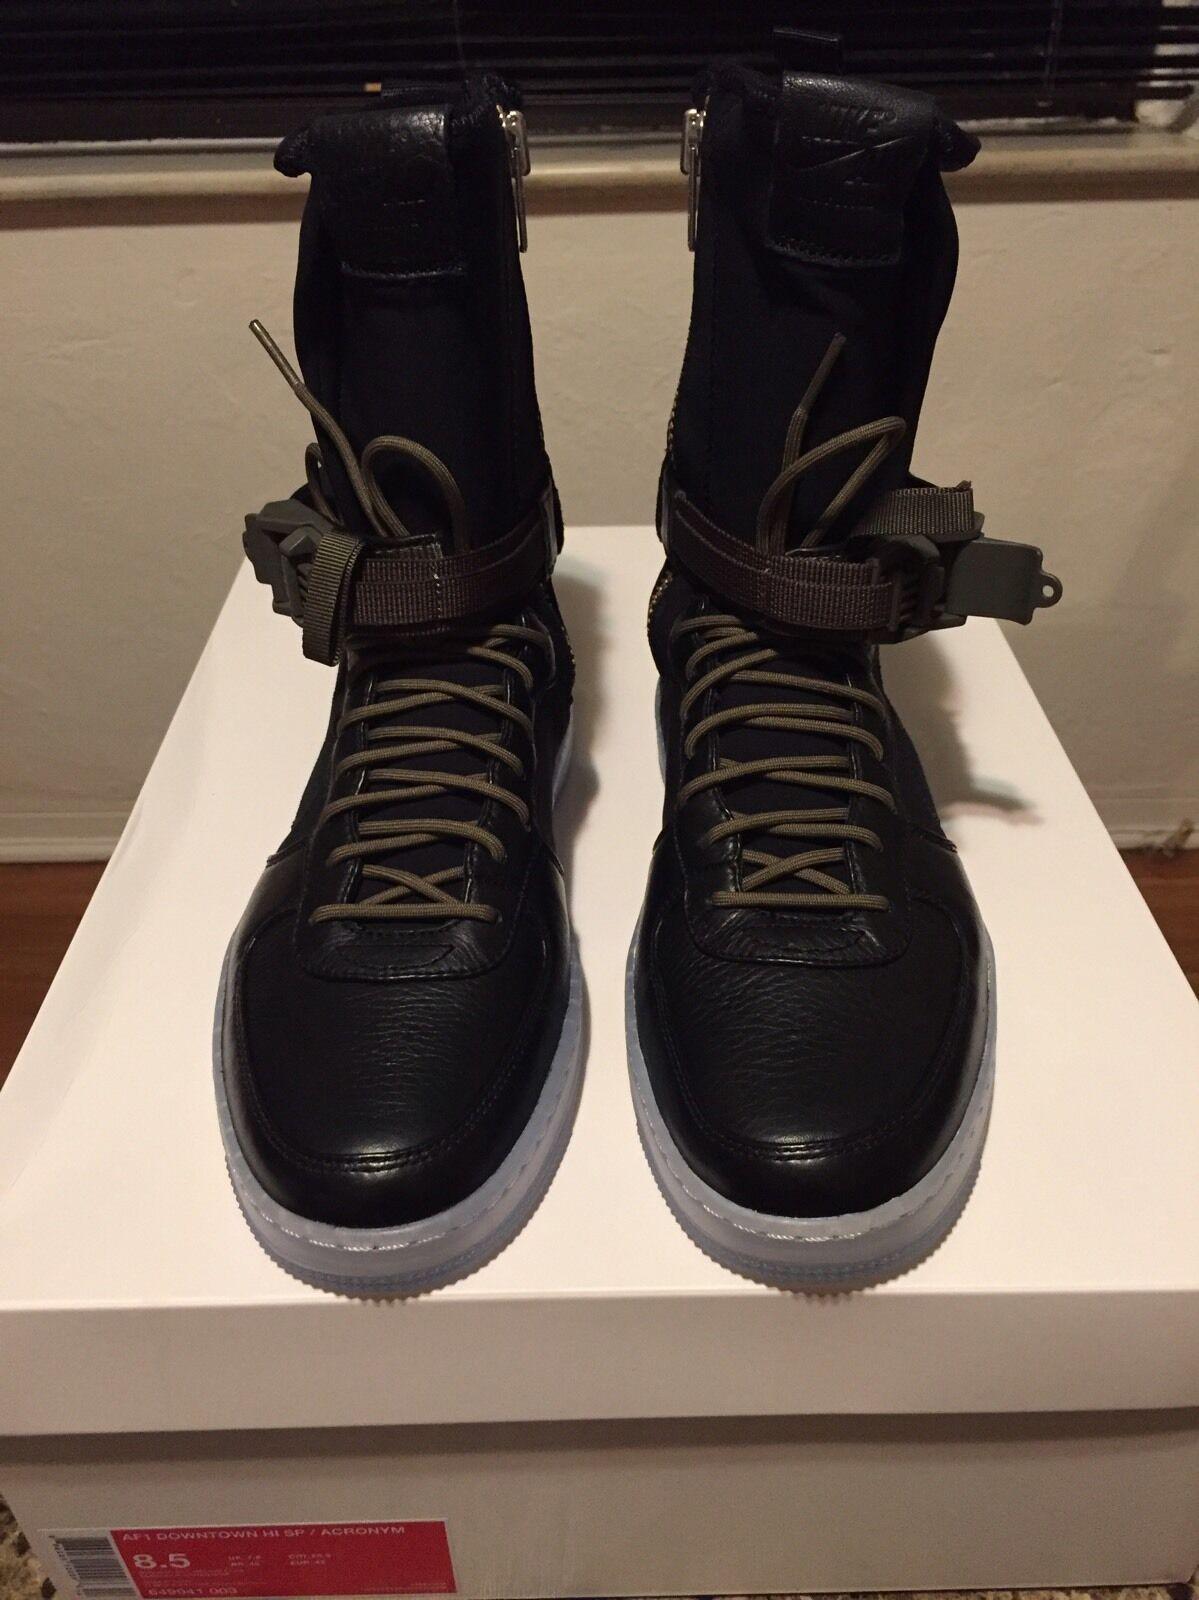 Nike AF1 Olive Downtown Hi SP sigla Air Force 1 Negro Olive AF1 649941 003 SZ 8,5 baratos zapatos de mujer zapatos de mujer 6a6528